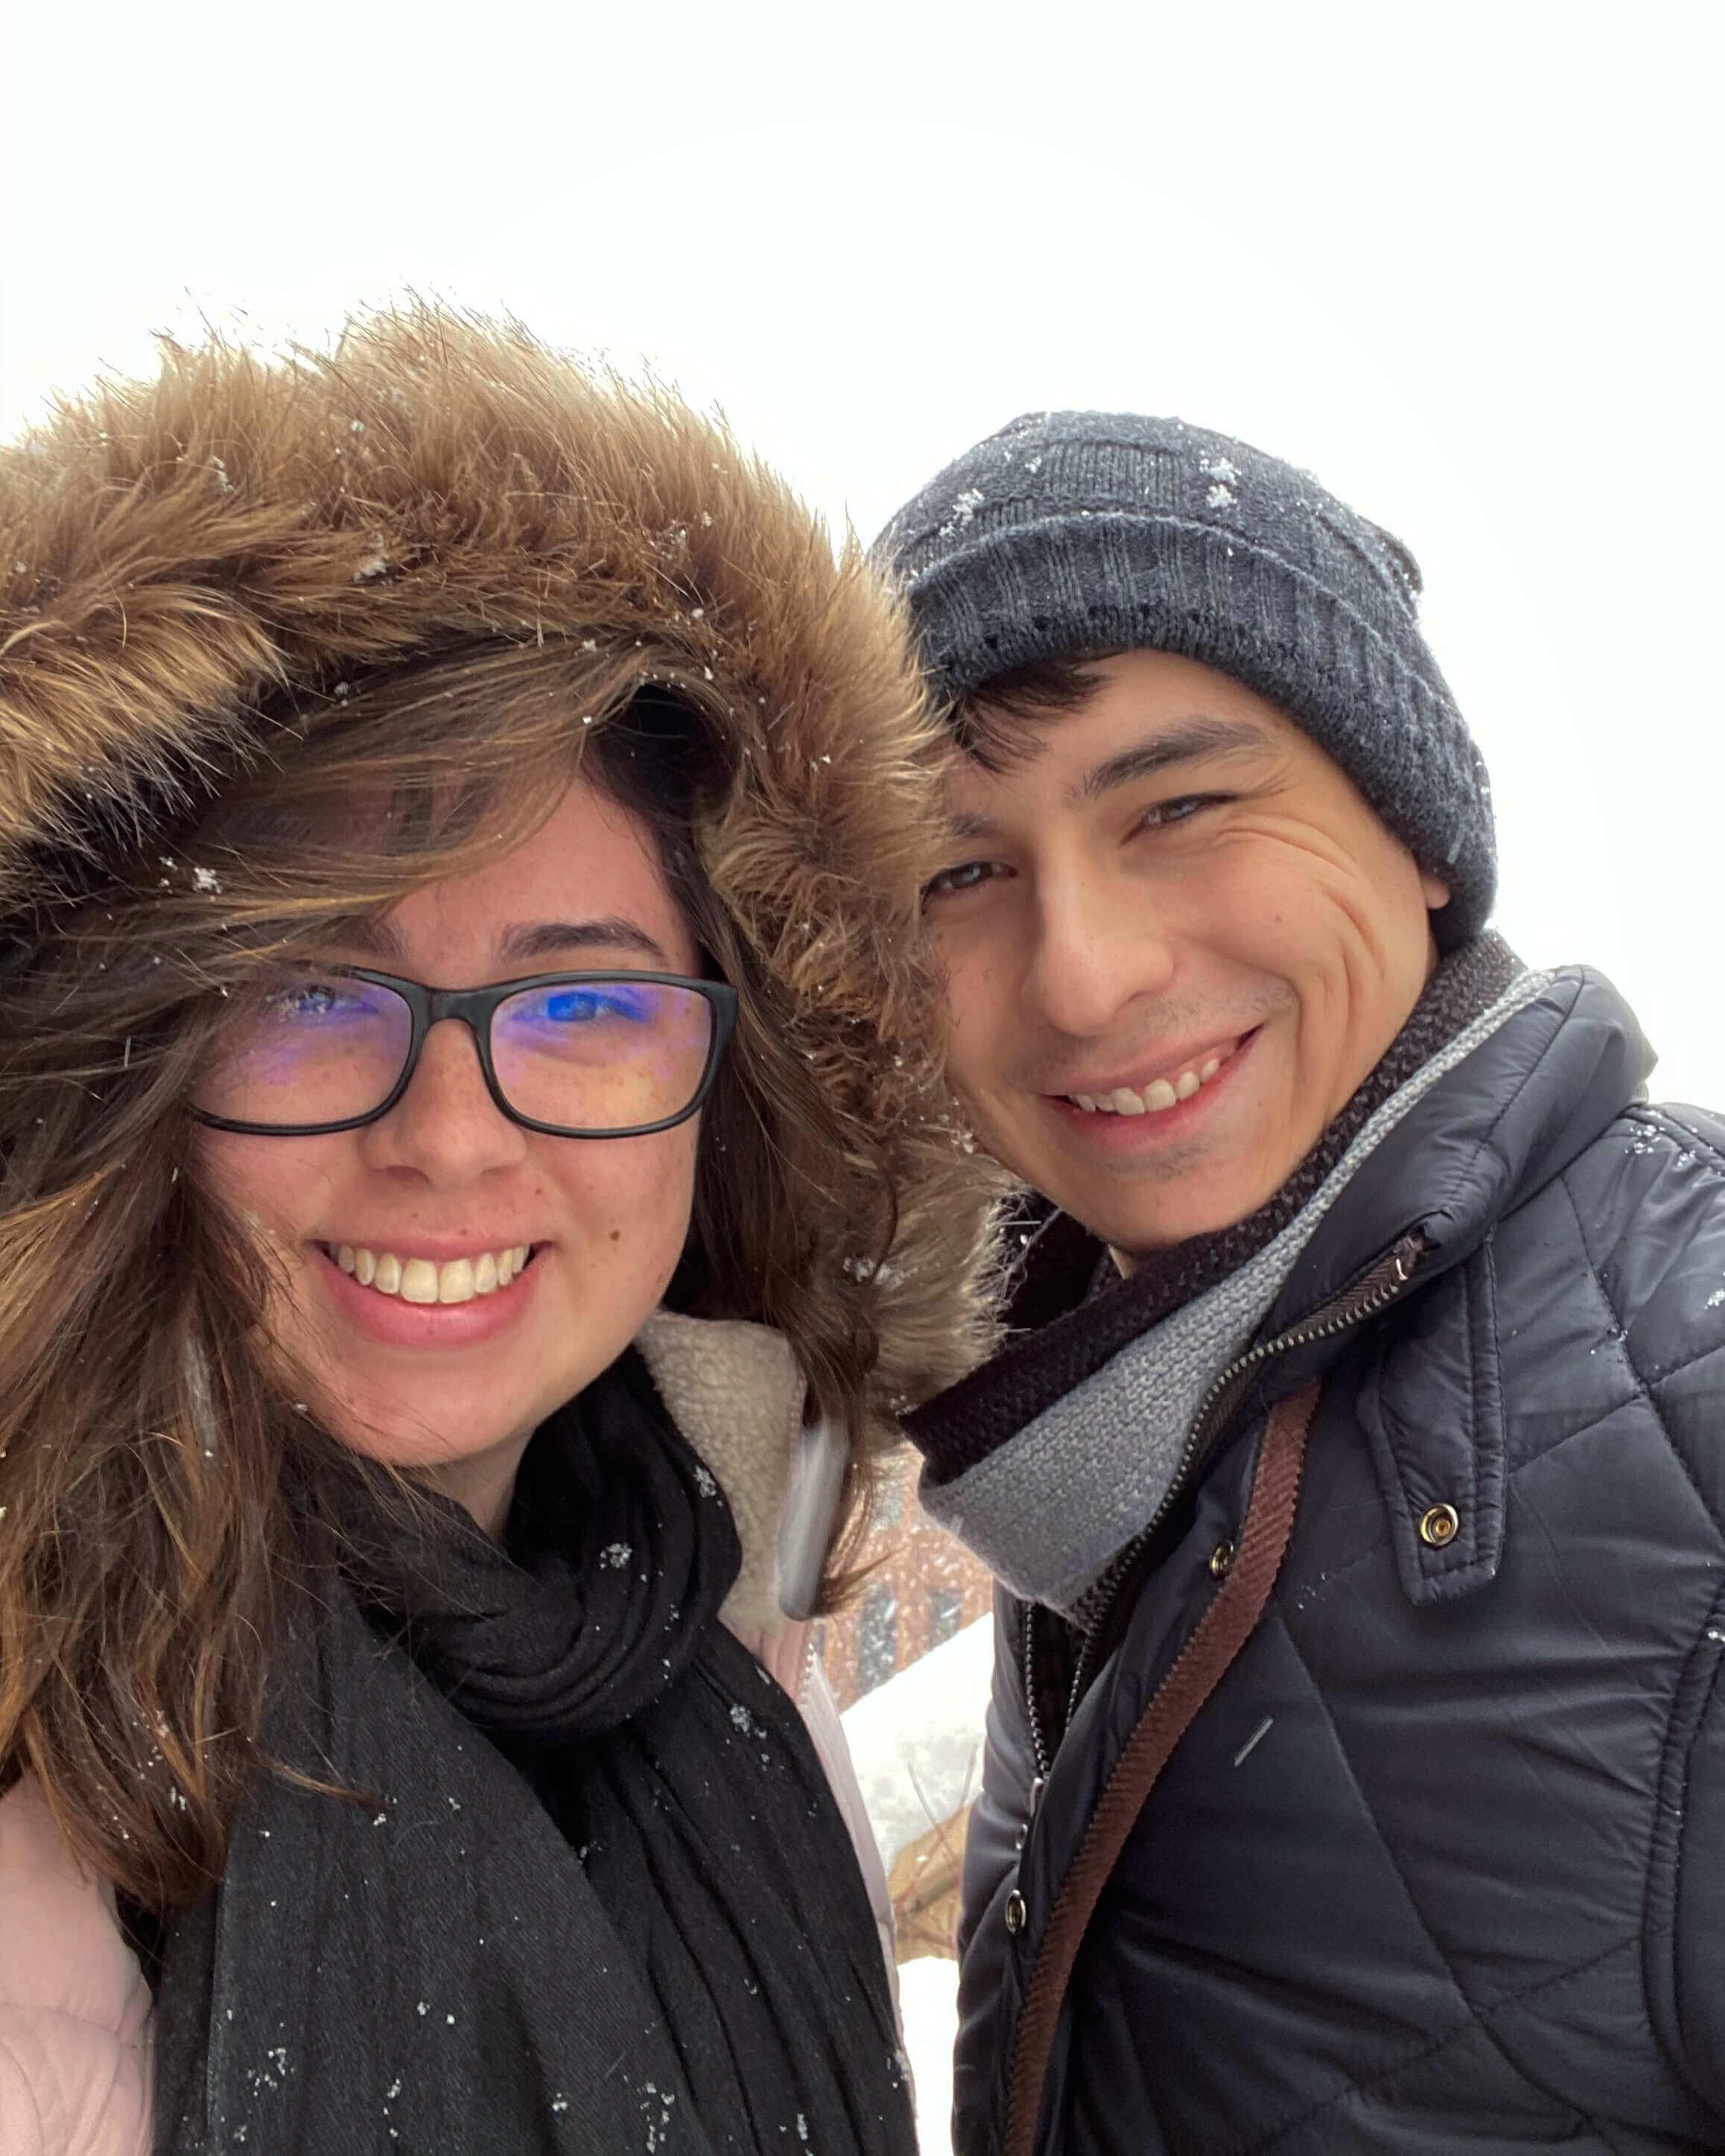 Bruna e Eduardo estavam namorando durante o intercâmbio e depois ficaram noivos